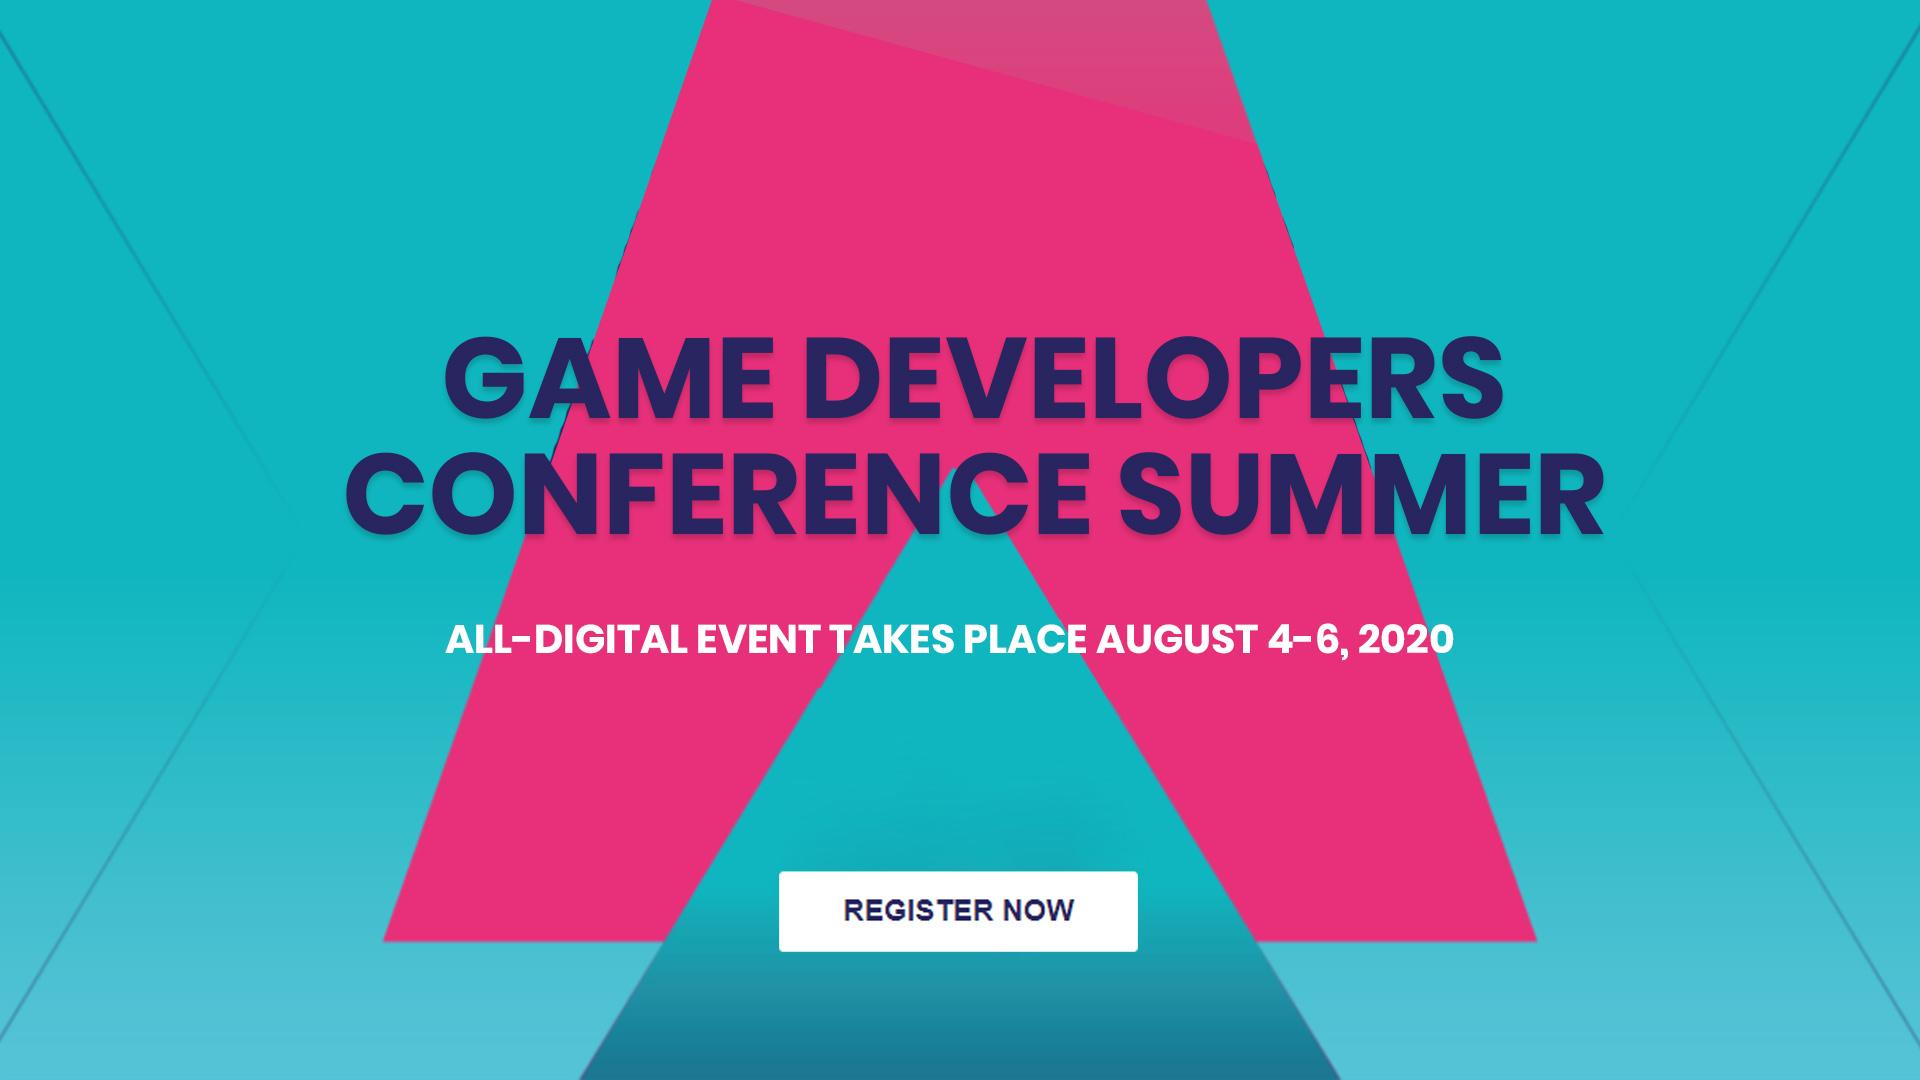 GDC Summer 2020